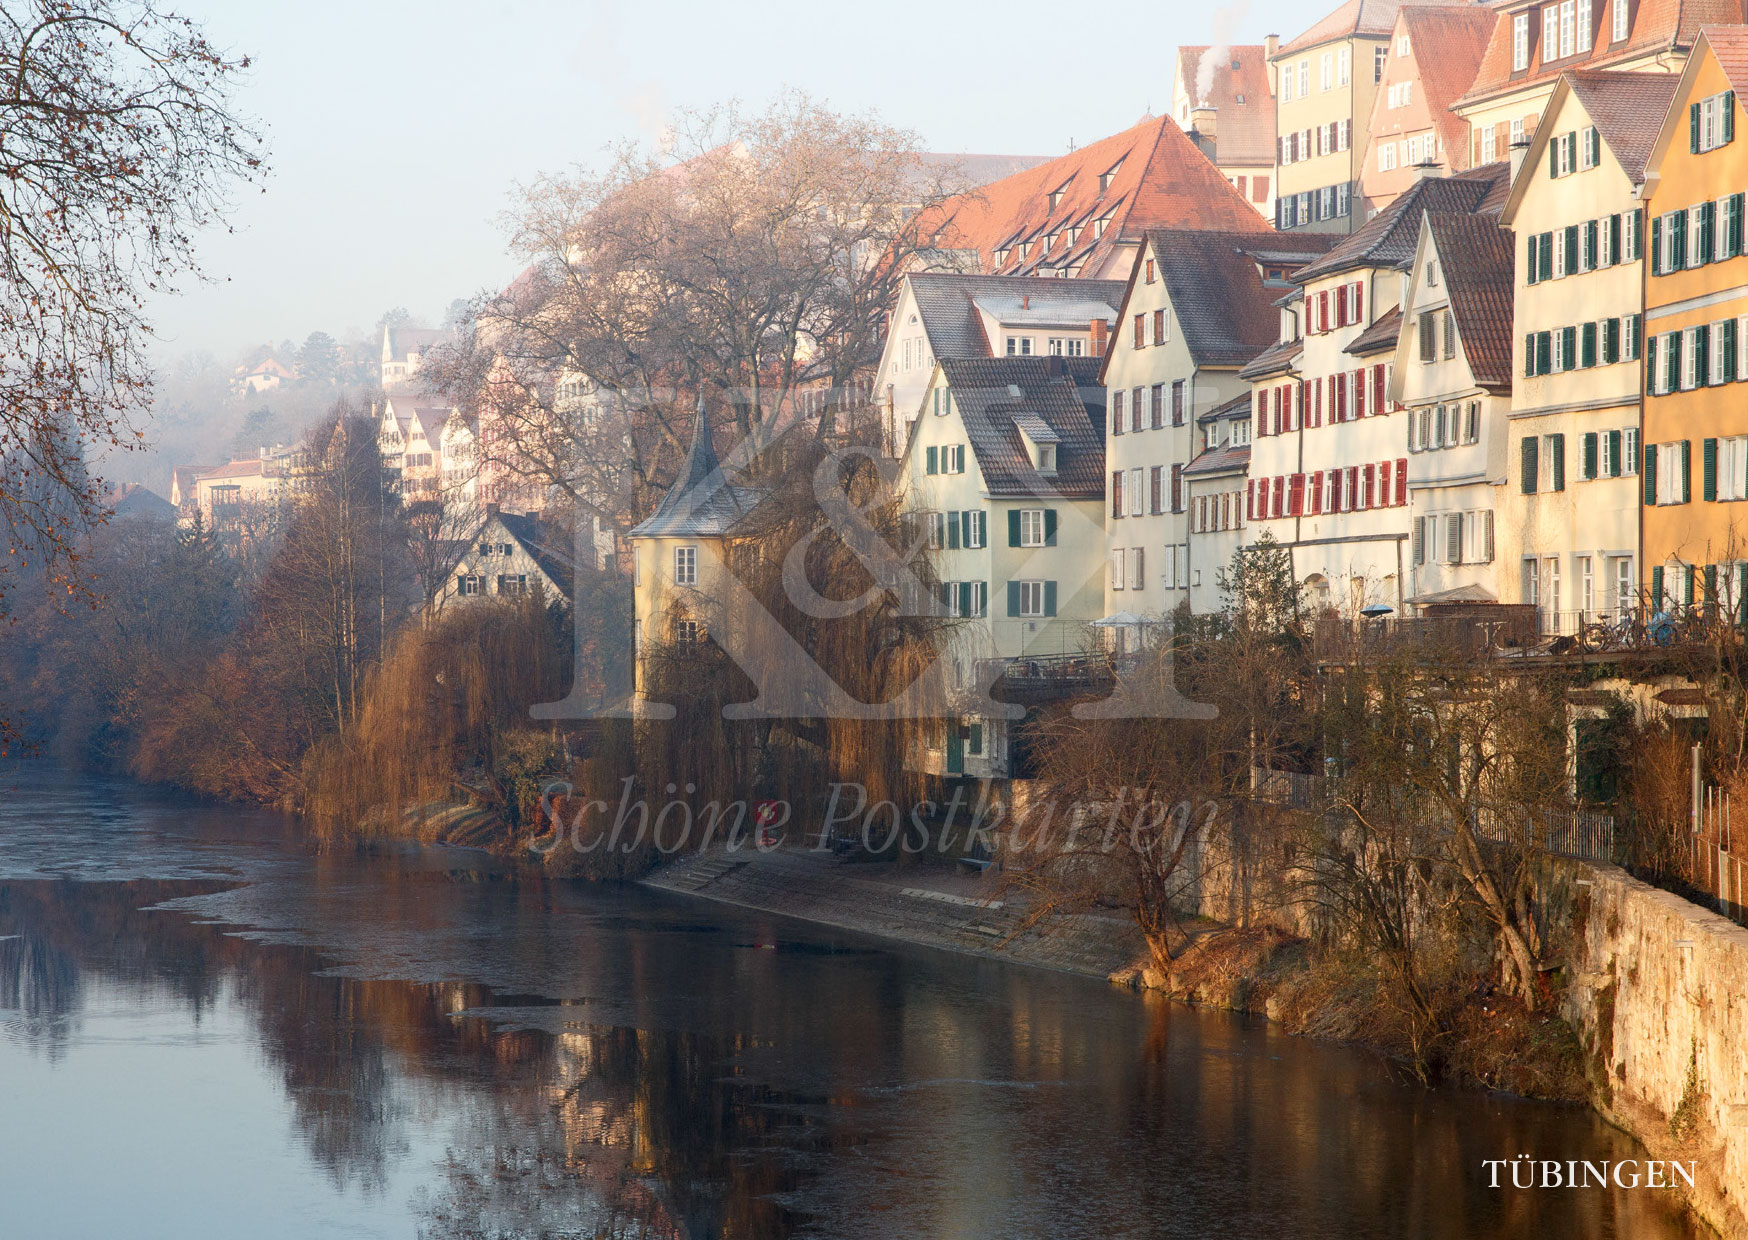 Schöne Postkarten Nr. 208 · Tuebingen Neckarfront mit Hoelderlinturm im Winter